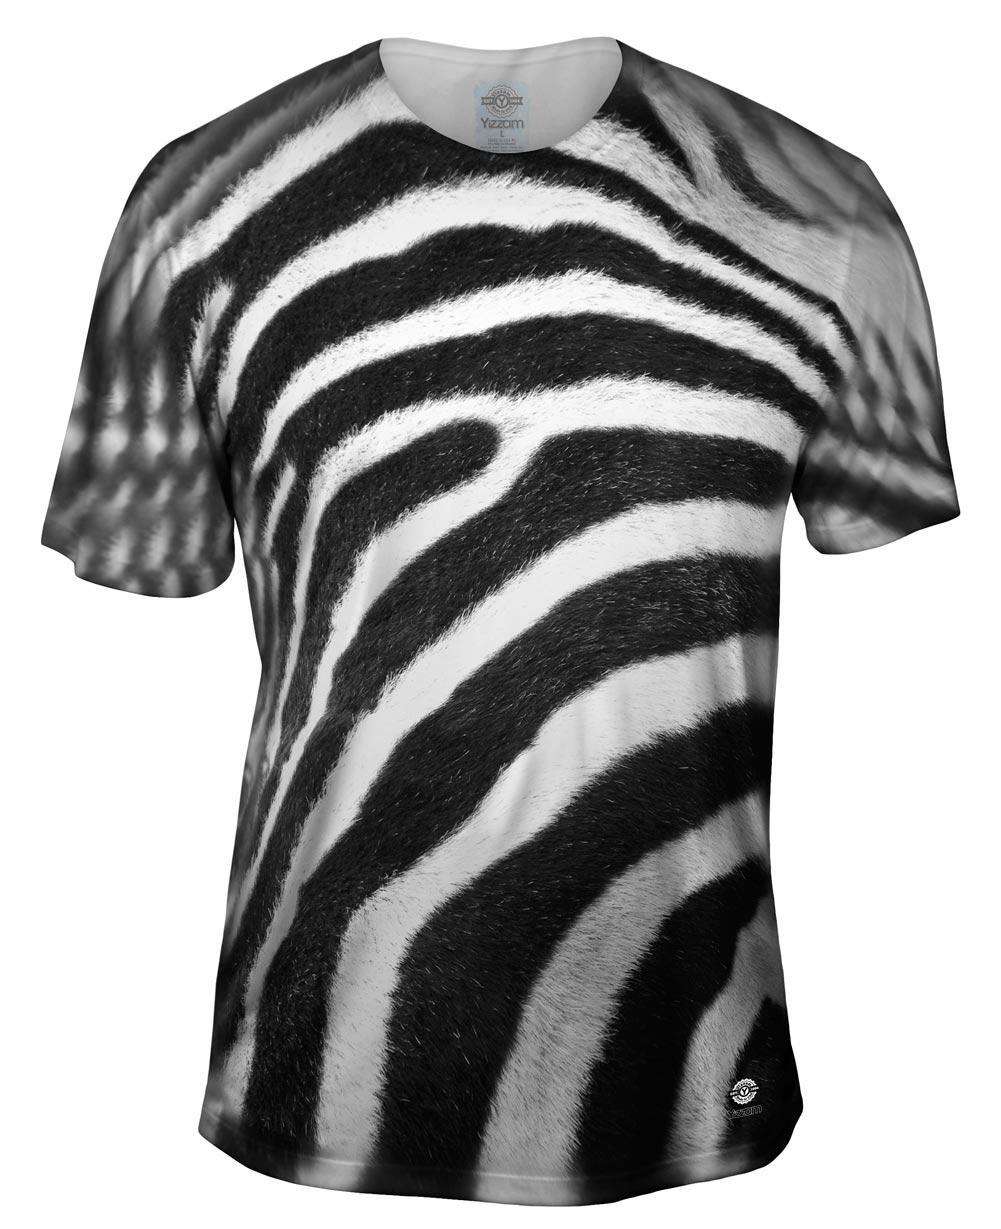 Zebra T Shirt Yizzam- Zebra S...